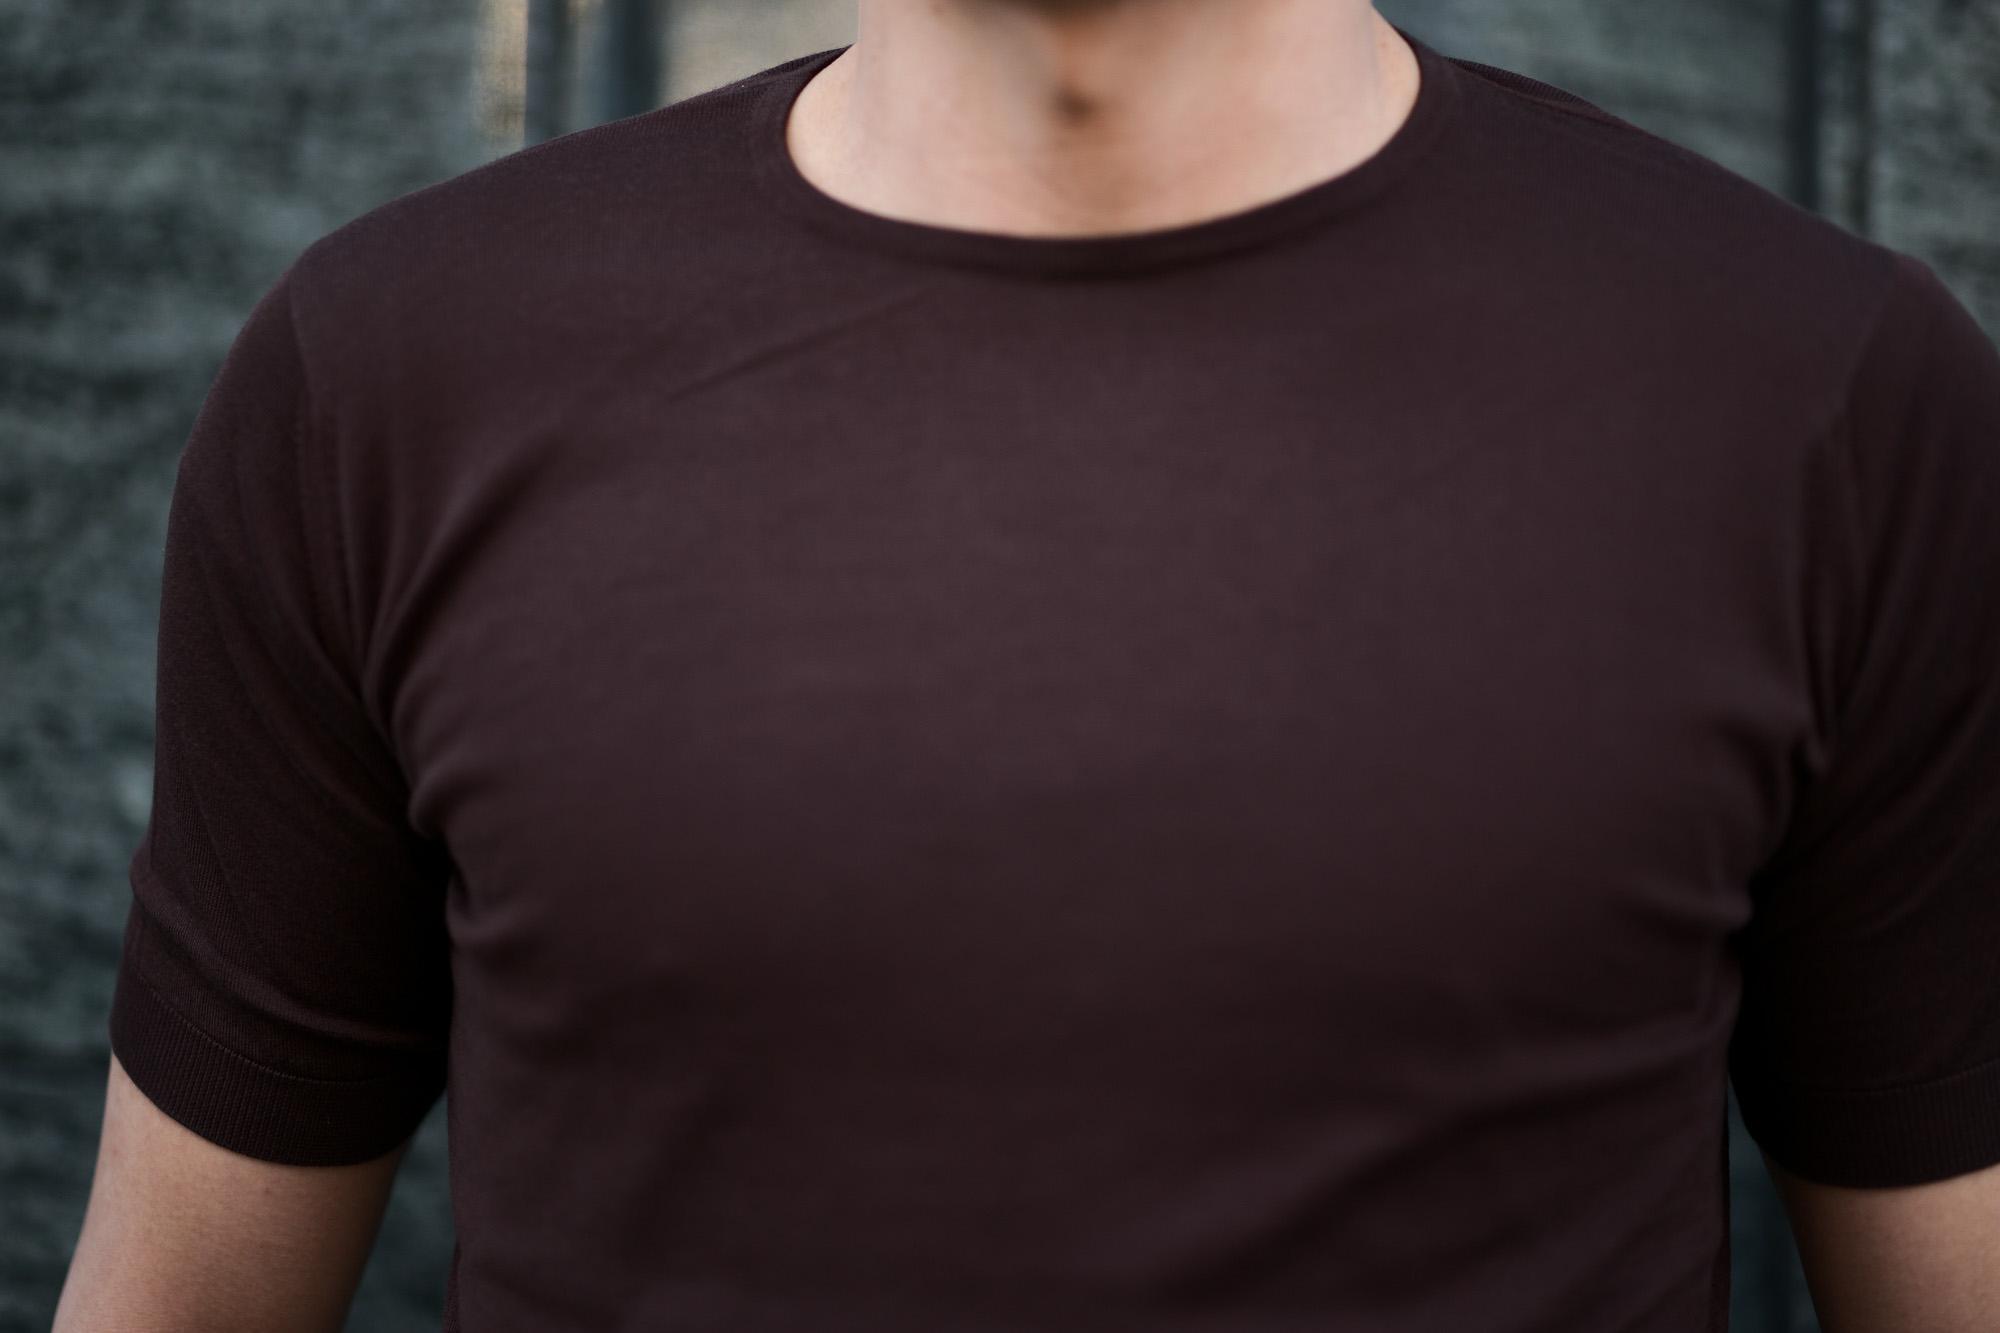 JOHN SMEDLEY(ジョンスメドレー) BELDEN (ベルデン) SEA ISLAND COTTON (シーアイランドコットン) ショートスリーブ コットンニット Tシャツ COFFEE BEAN (コーヒービーン) Made in England (イギリス製) 2020 春夏新作 愛知 名古屋 altoediritto アルトエデリット